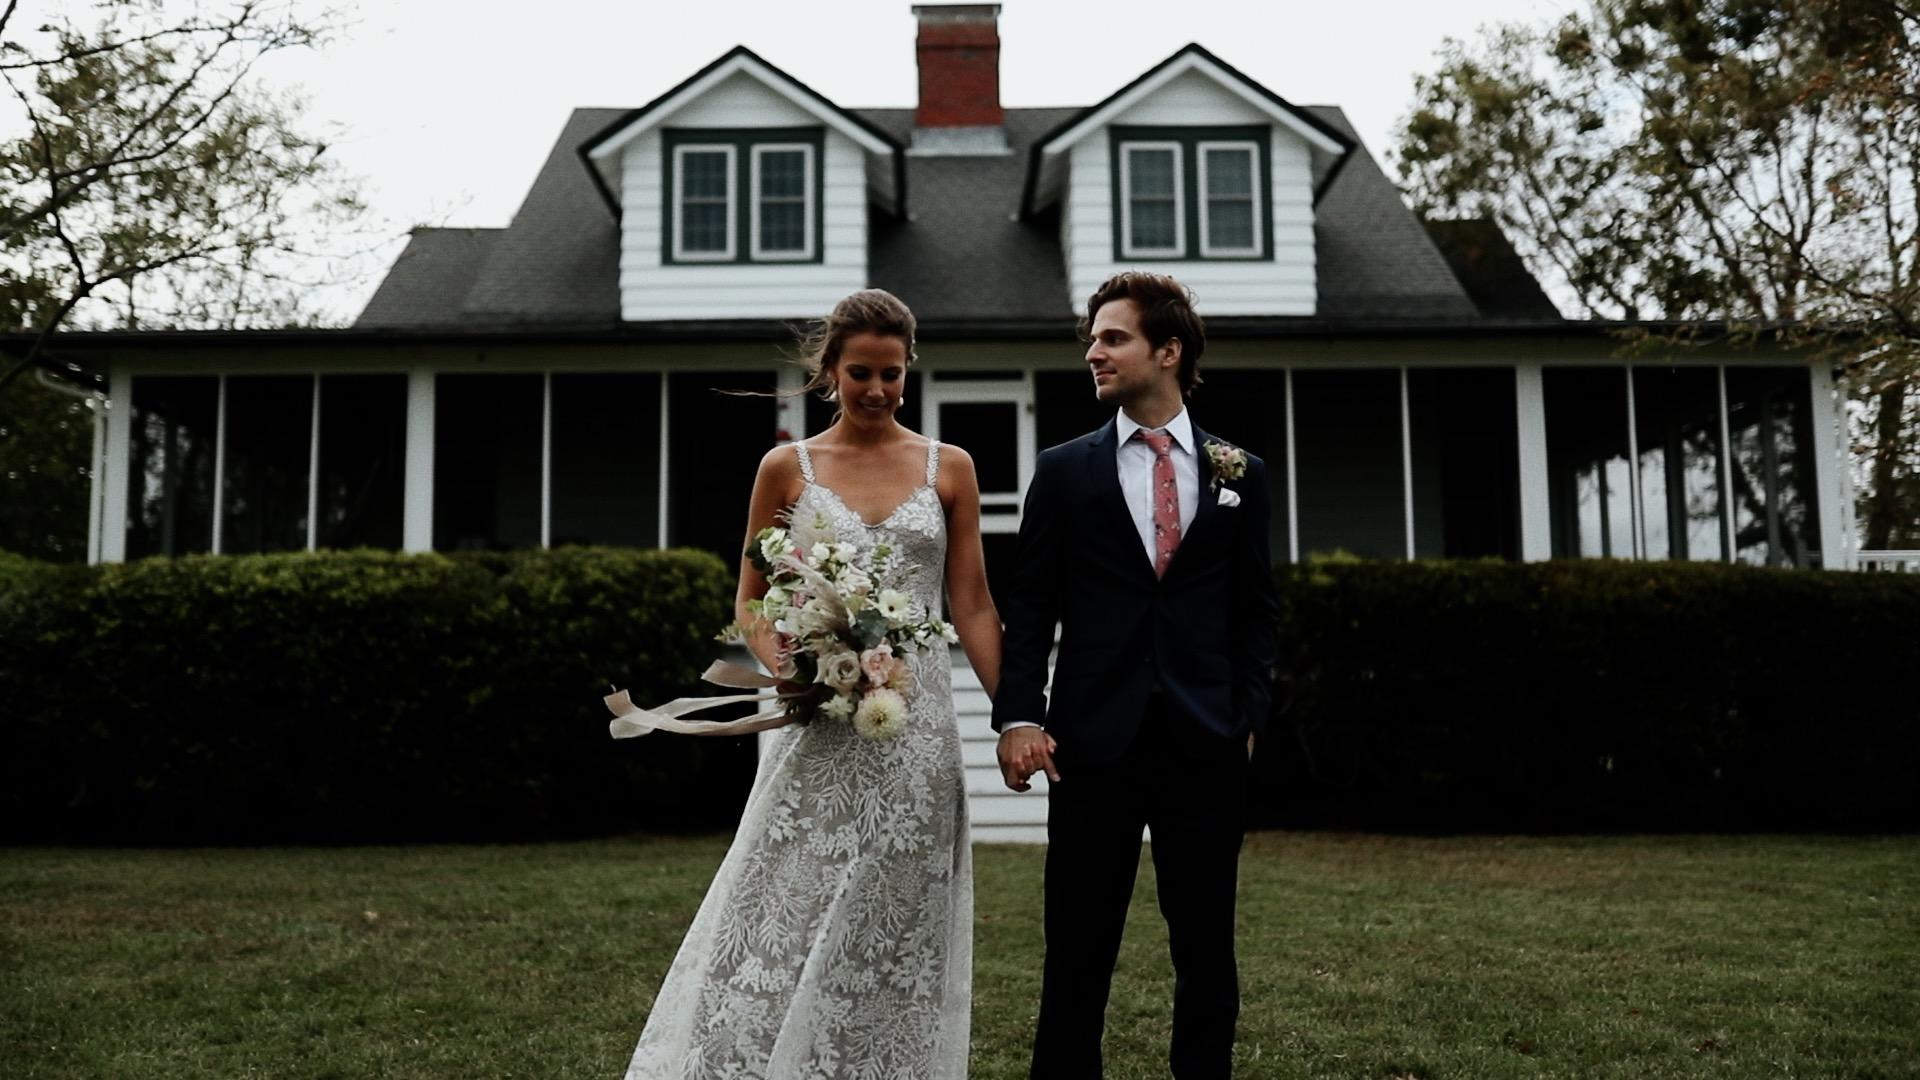 Colin + Caroline | Gloucester, Virginia | The Island